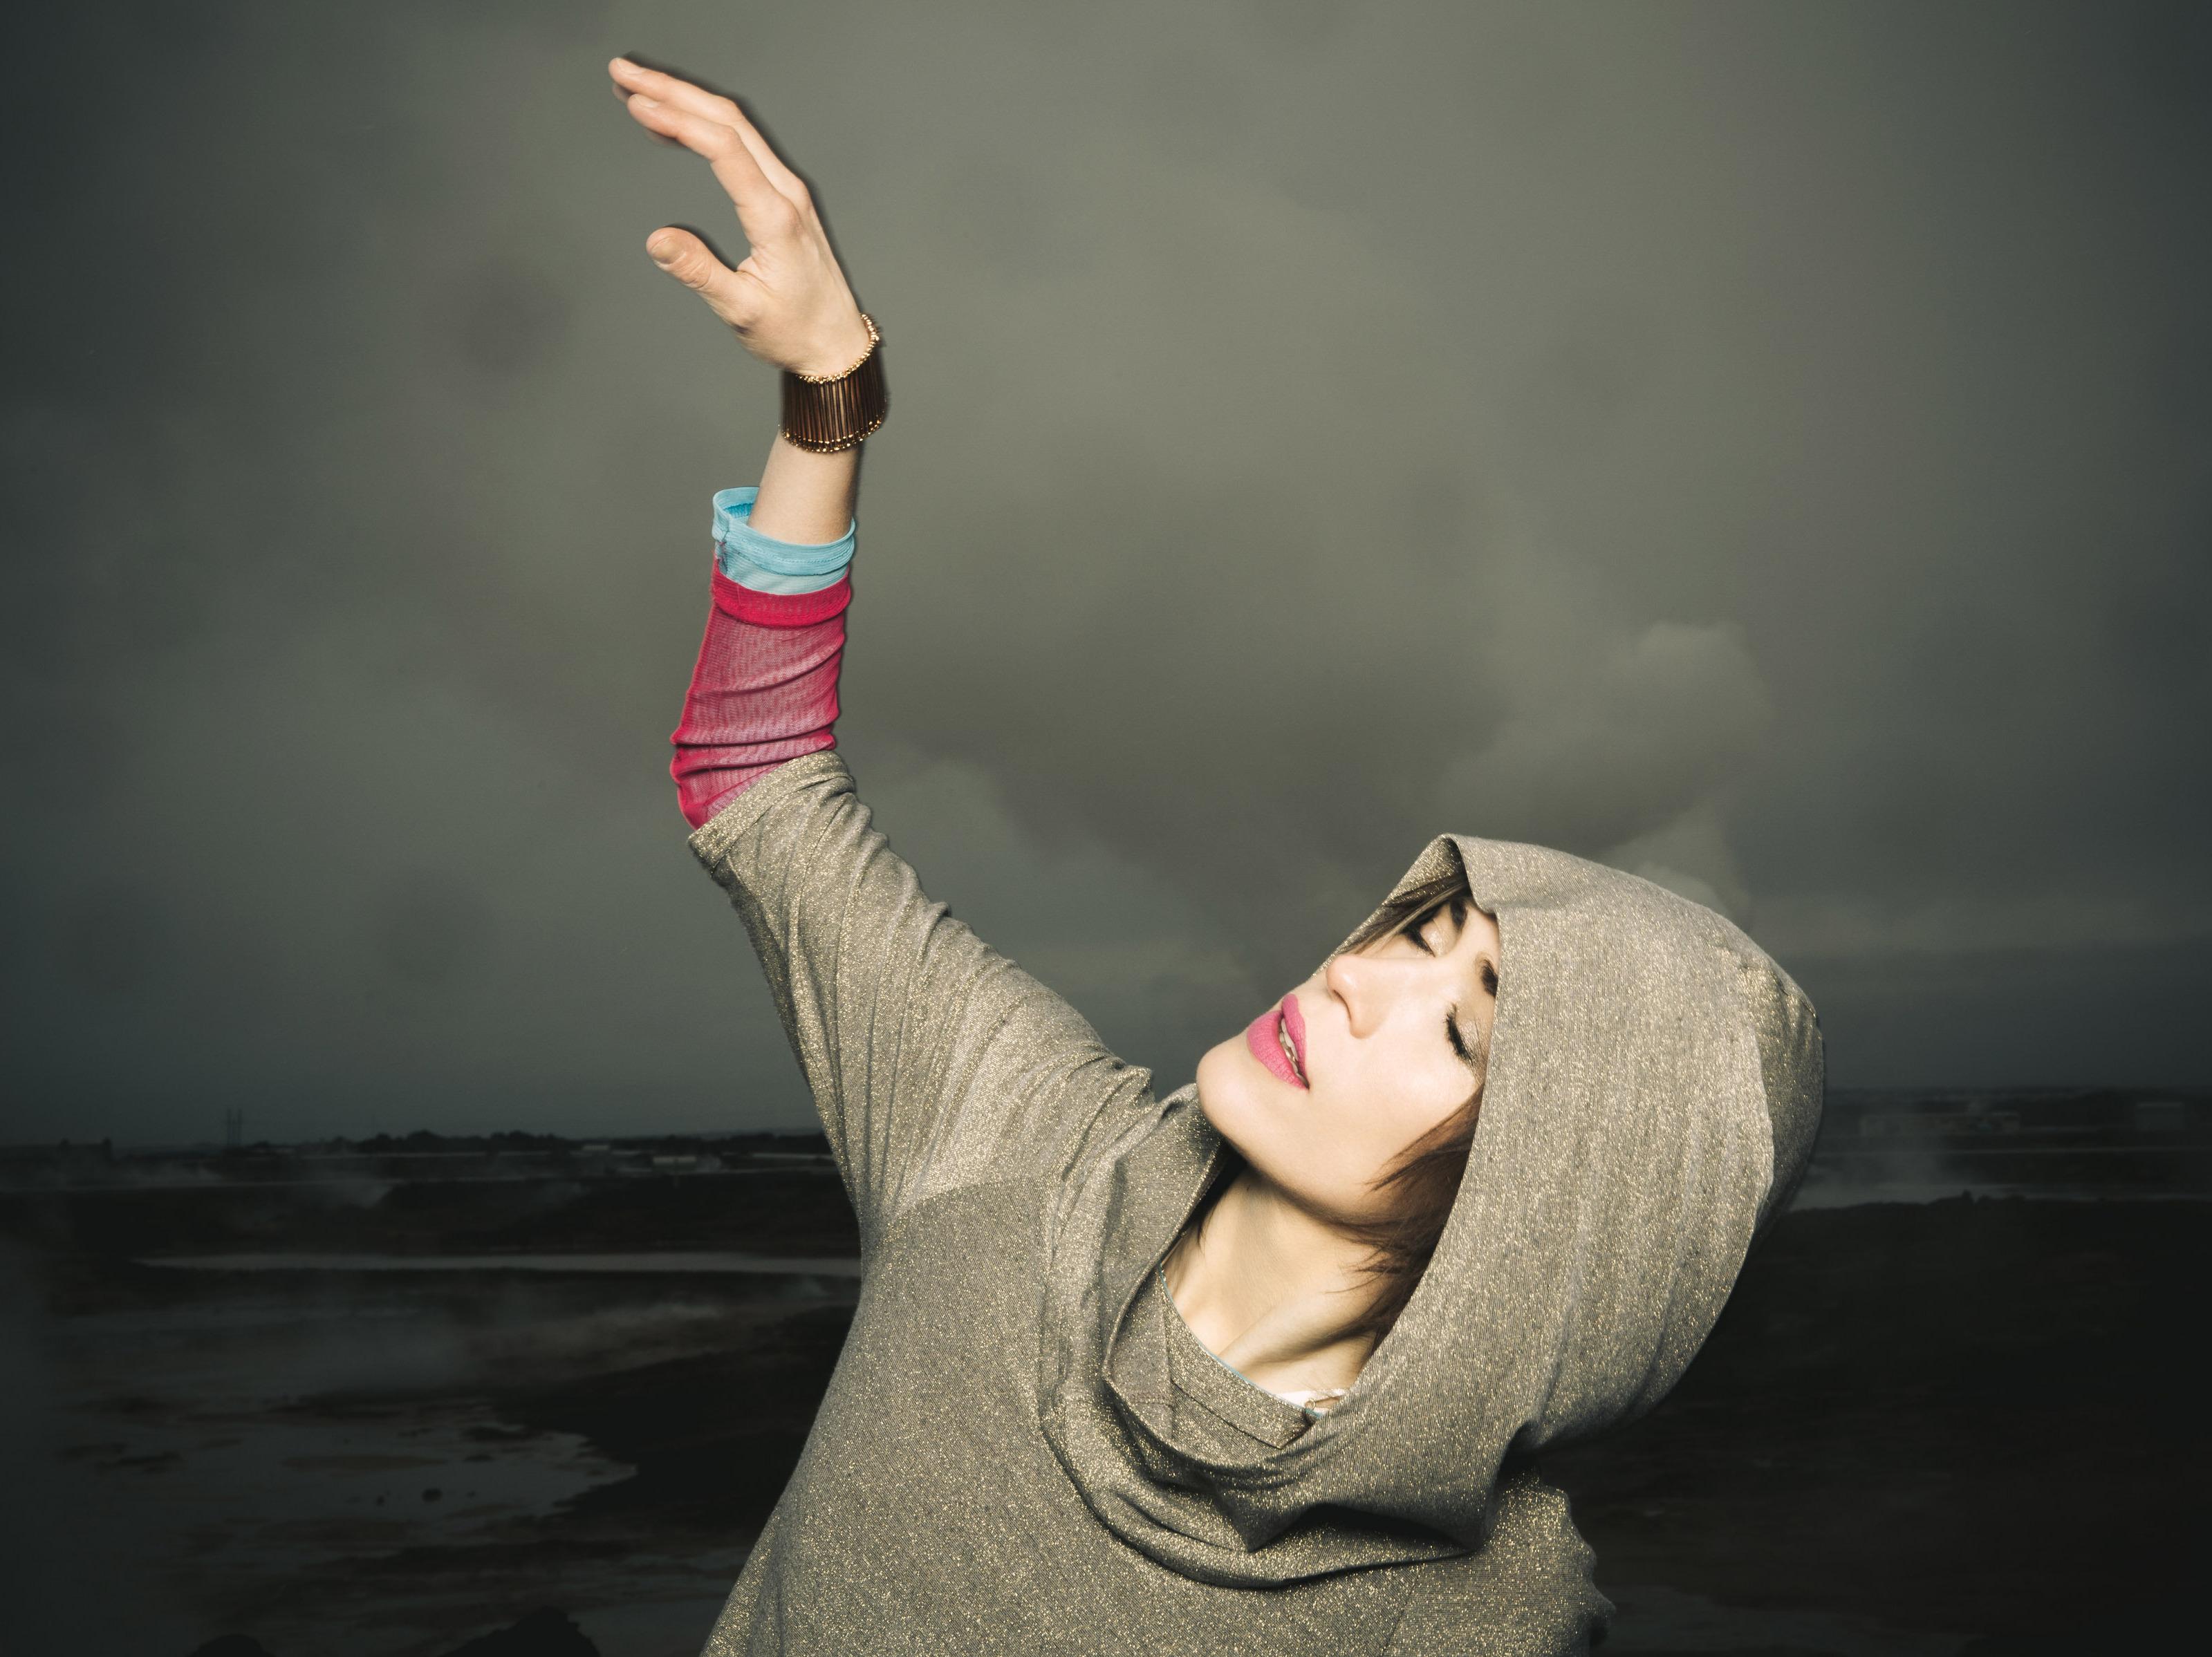 First Listen: Imogen Heap, 'Sparks'